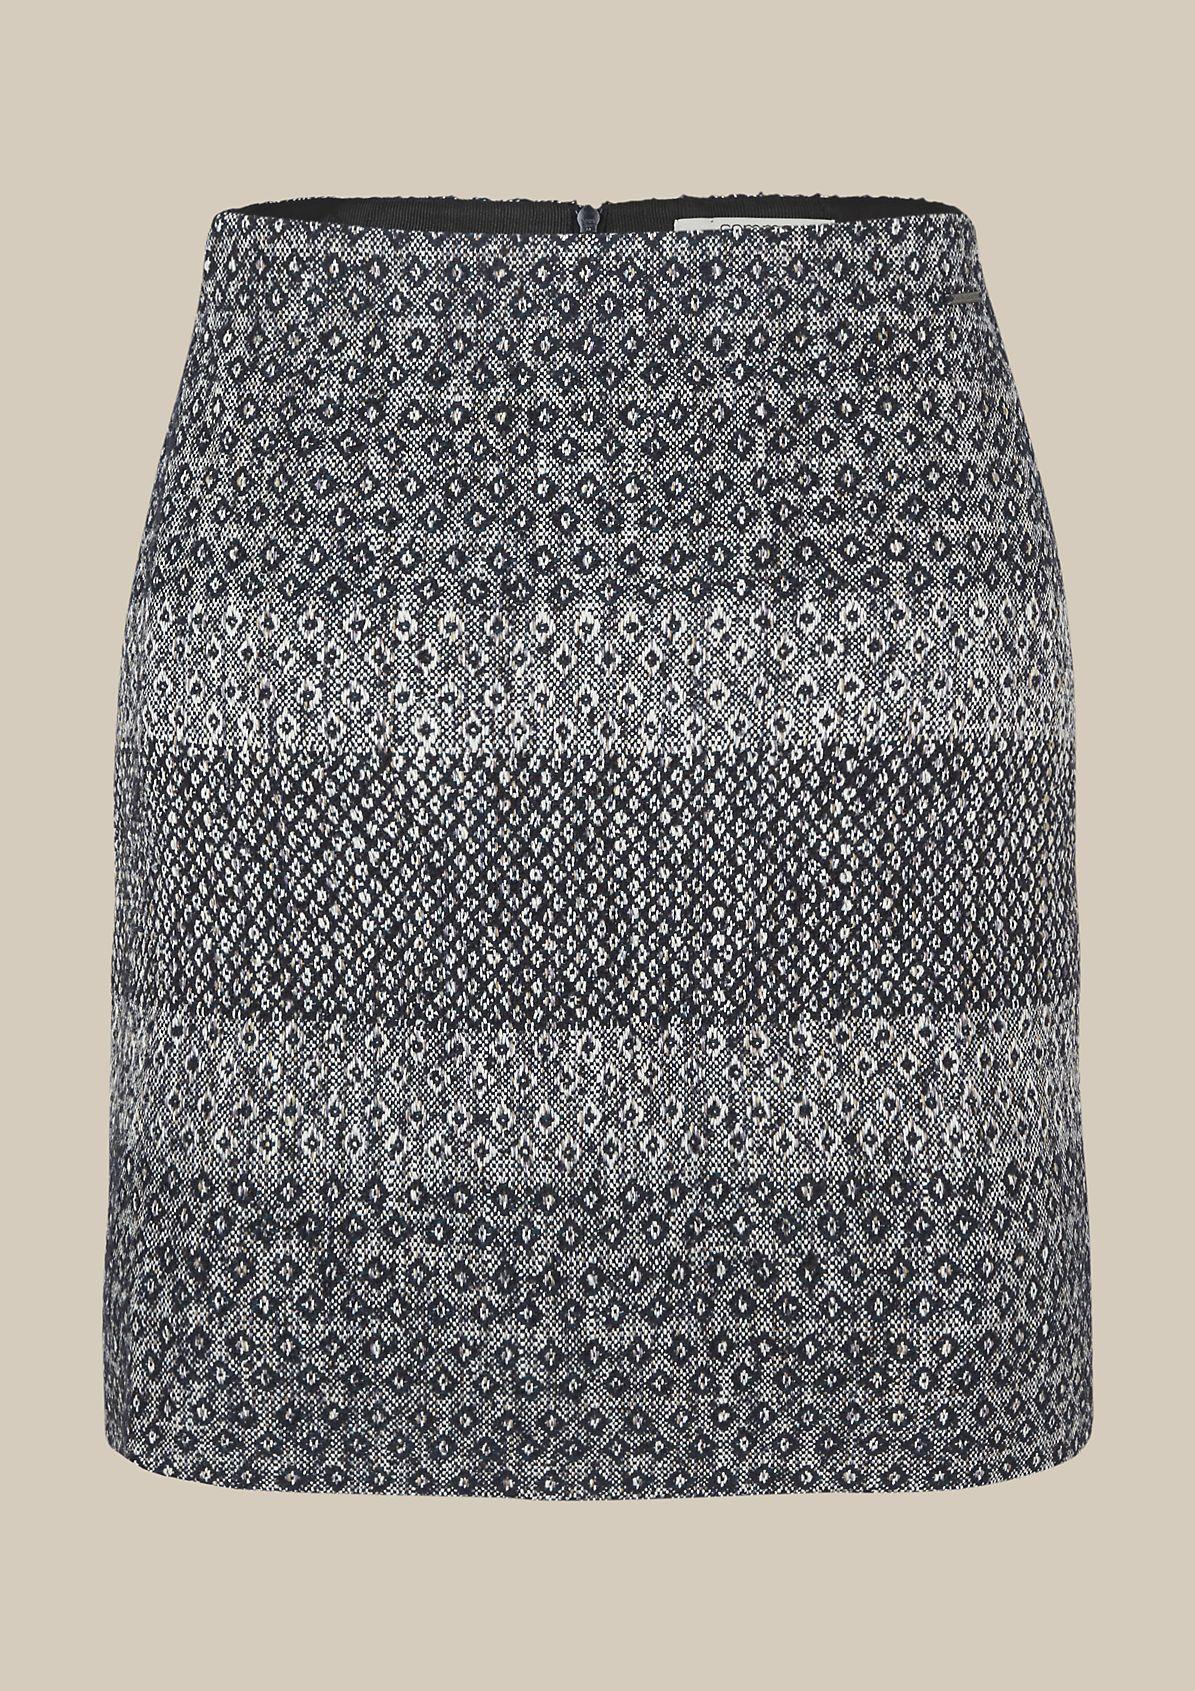 Schöner Freizeitrock mit liebevoll gestaltetem Jacquardmuster